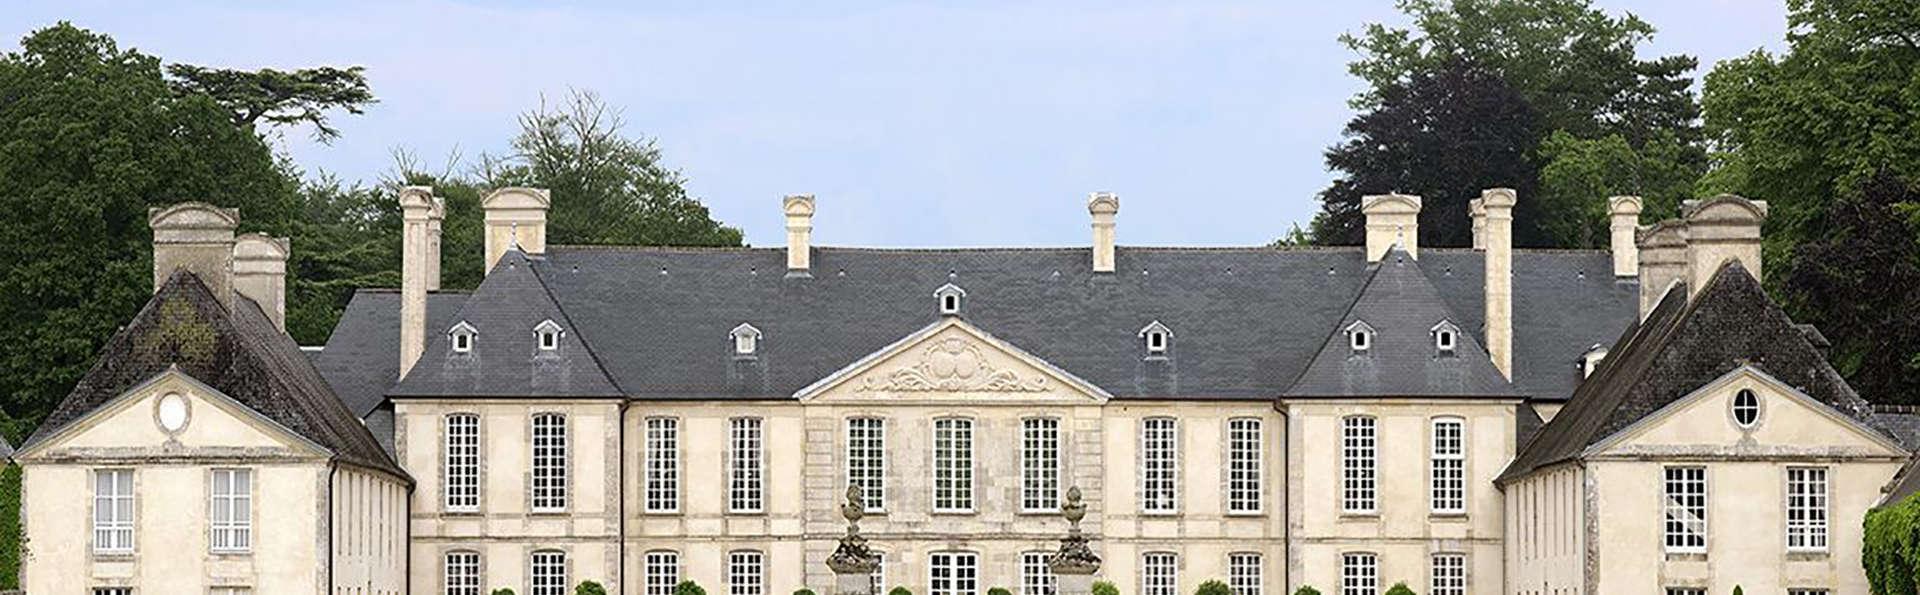 Château d'Audrieu - Edit_Front3.jpg